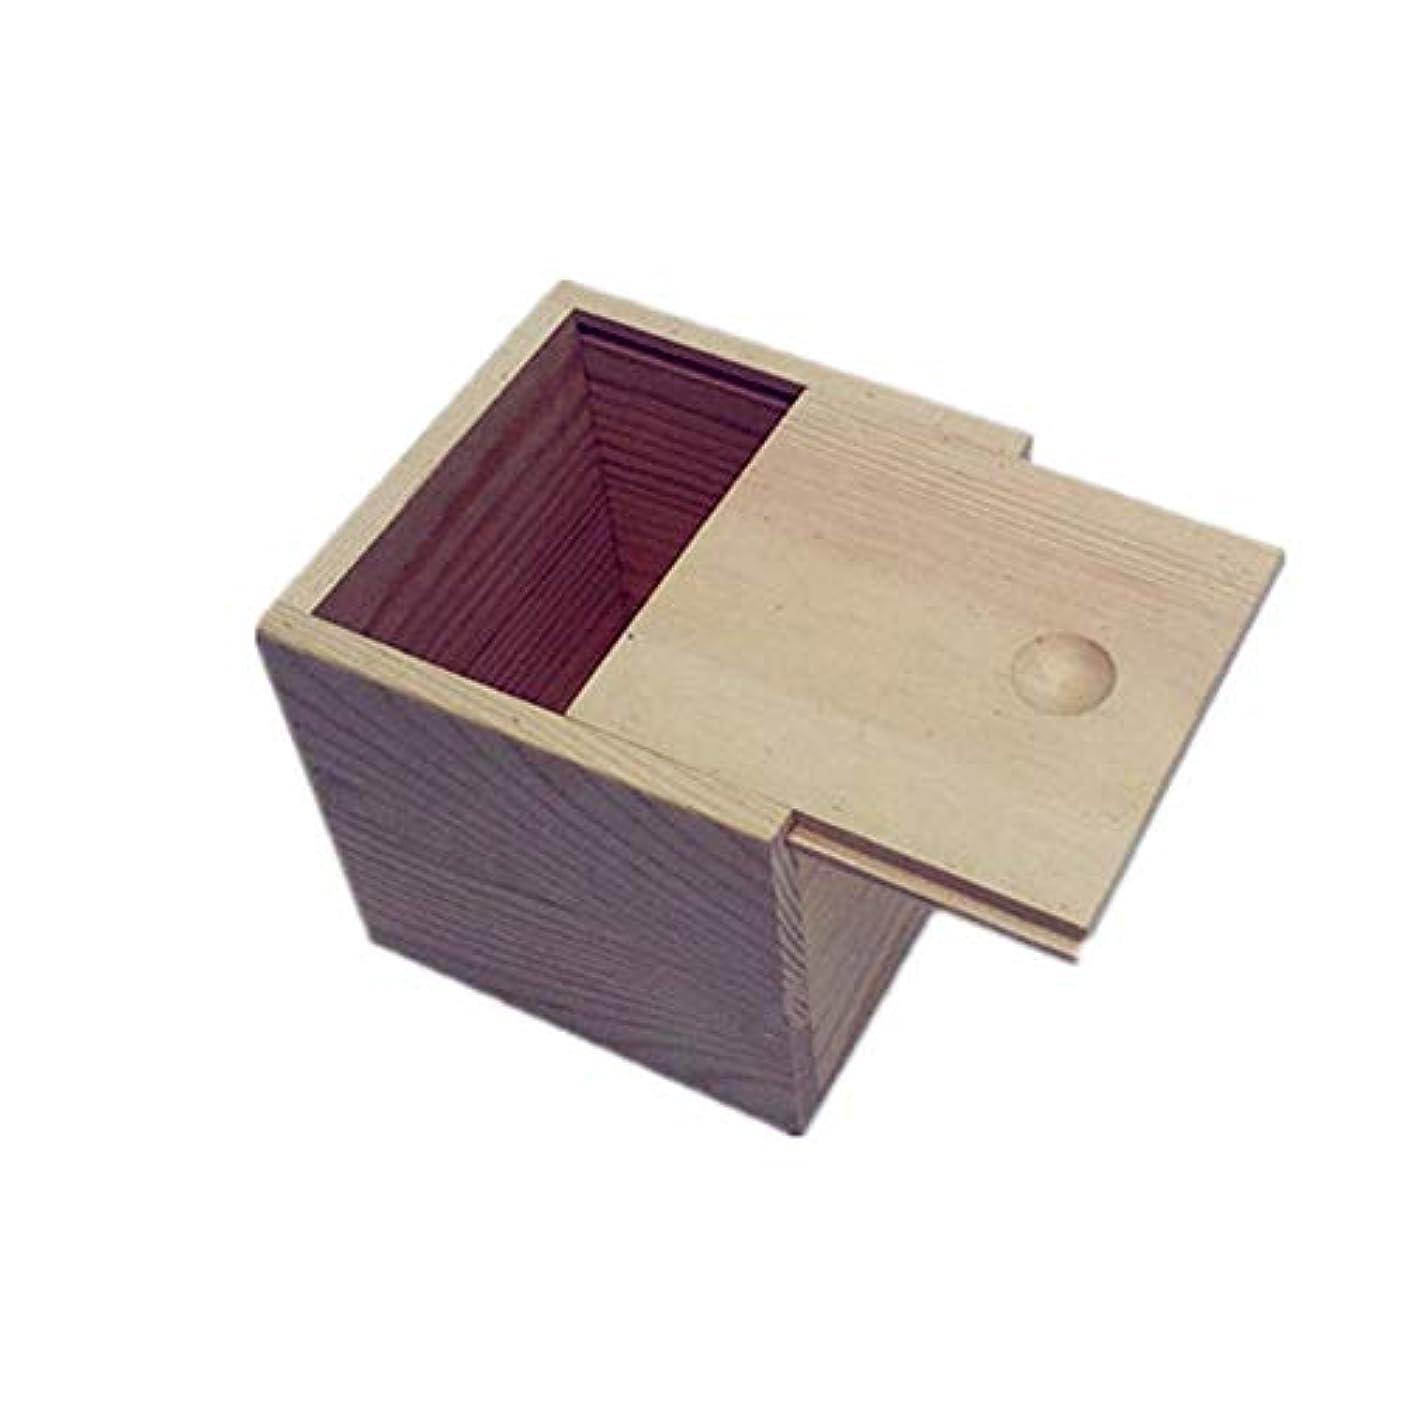 シリアル接続シルエットエッセンシャルオイルの保管 木製のエッセンシャルオイルストレージボックス安全なスペースセーバーあなたの油を維持するためのベスト (色 : Natural, サイズ : 9X9X5CM)